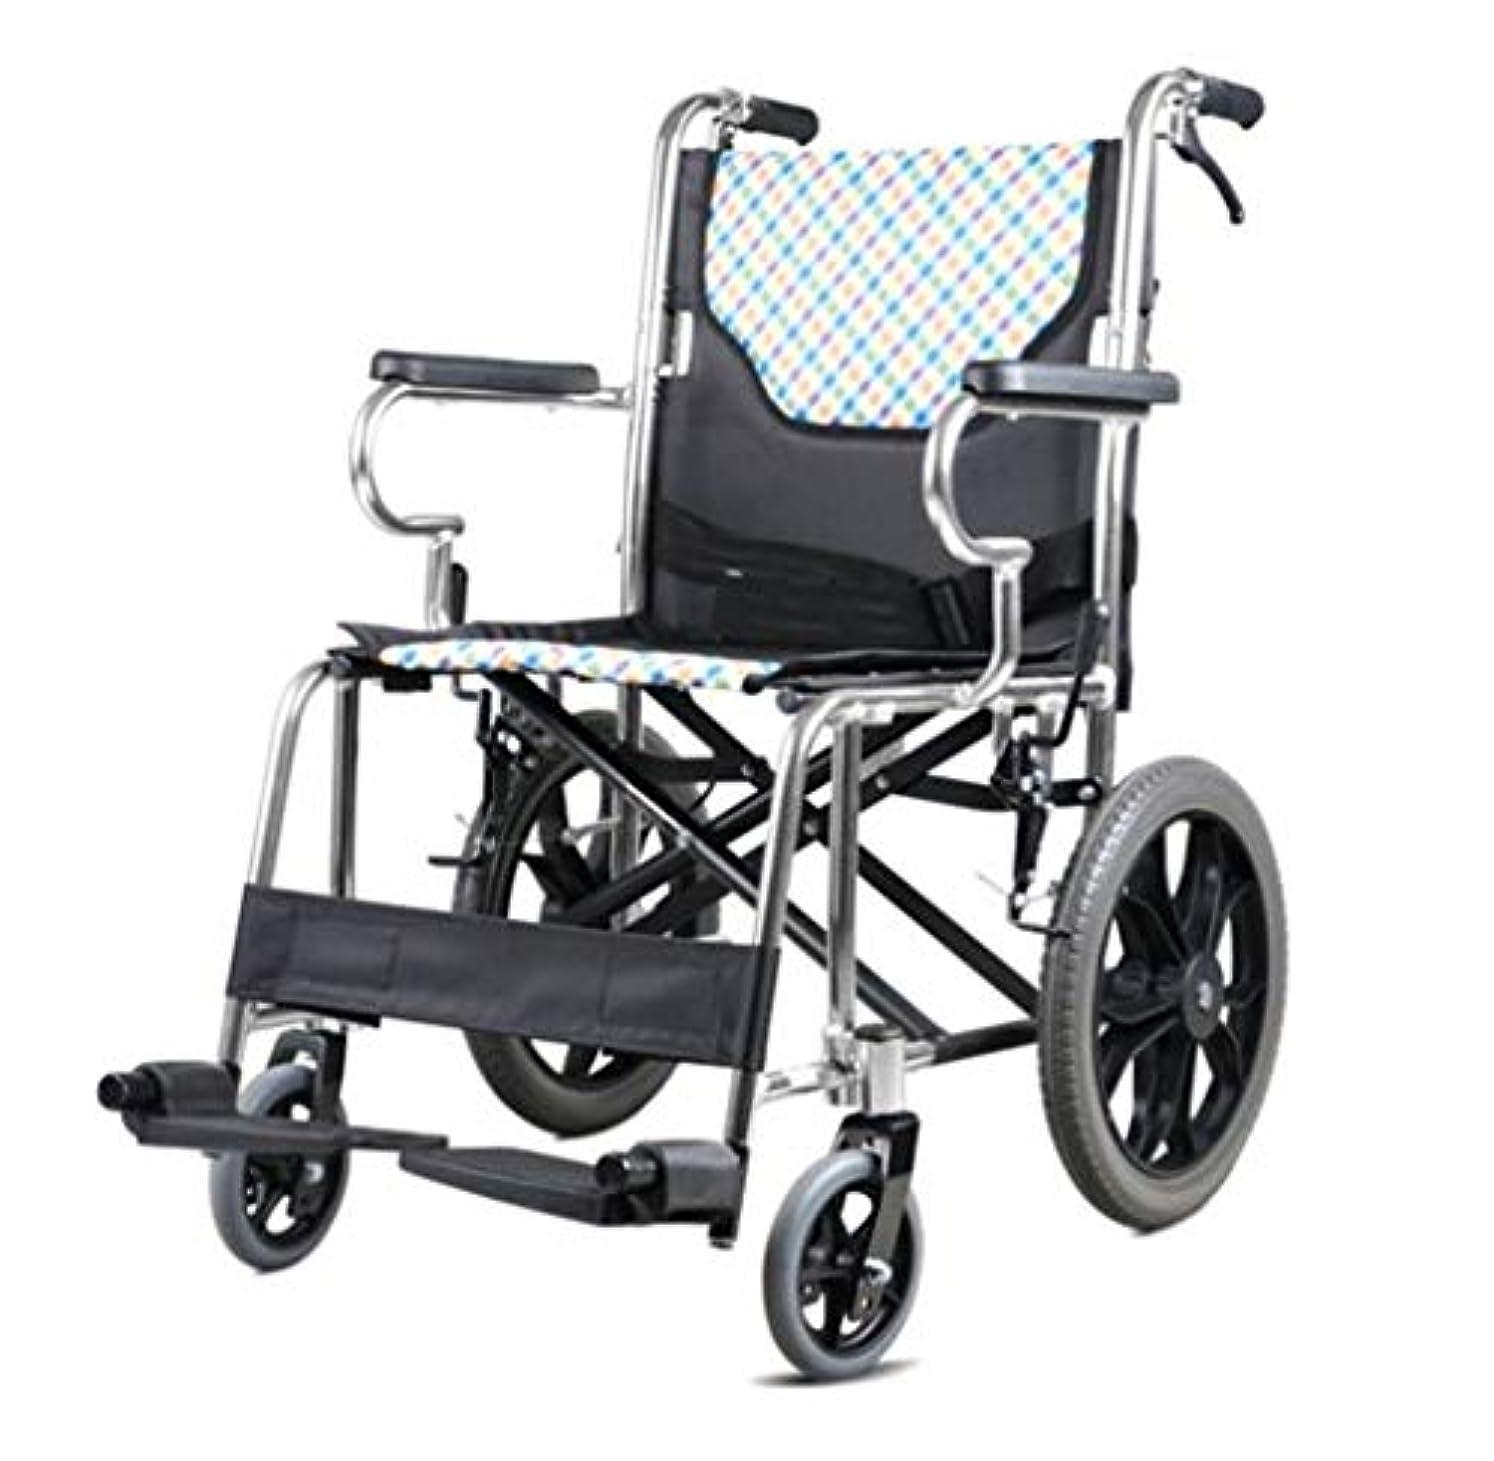 引っ張る姿を消す反抗車椅子用トロリー折りたたみ式、高齢者用トロリー、身体障害者用車椅子、容量100 Kg